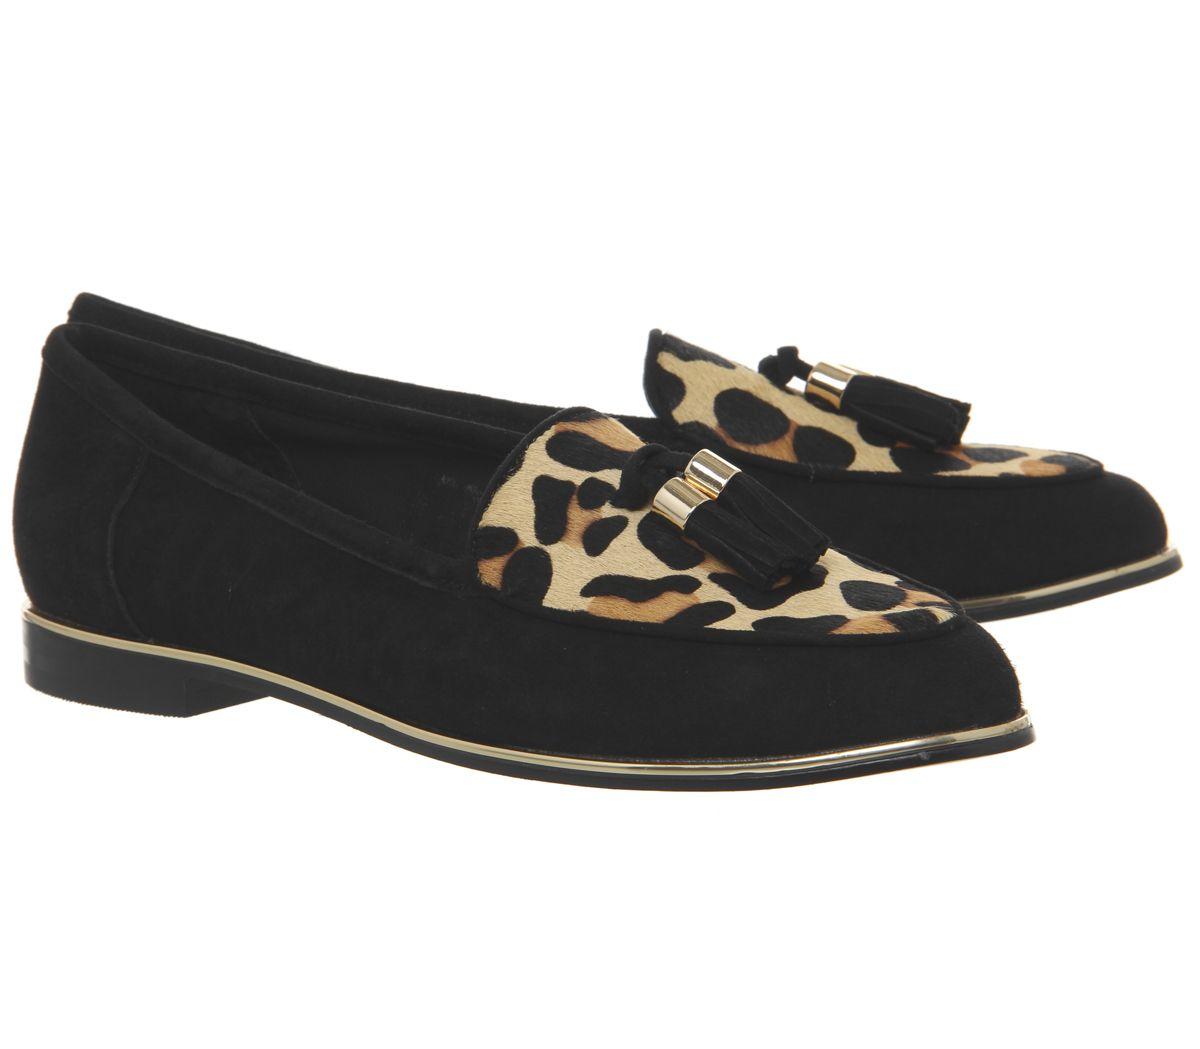 Womens Office Fallen Tassel Loafers Black Suede Leopard Effect Flats